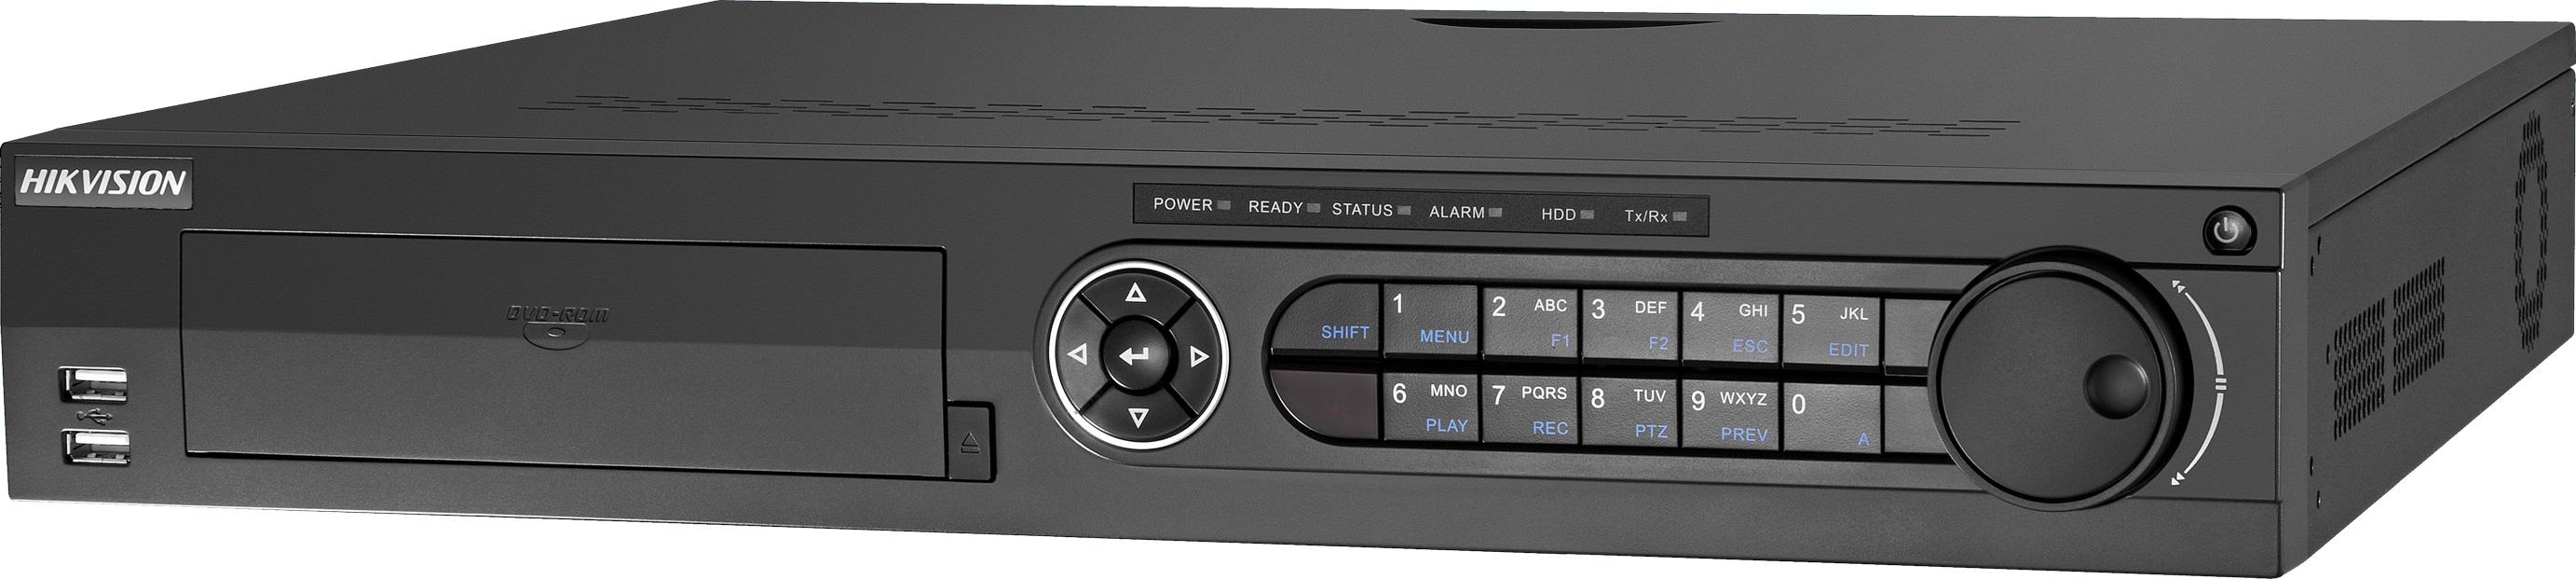 HIKVISION DS-7332HUHI-K4 32 channel Turbo 4.0 8MP TVI DVR